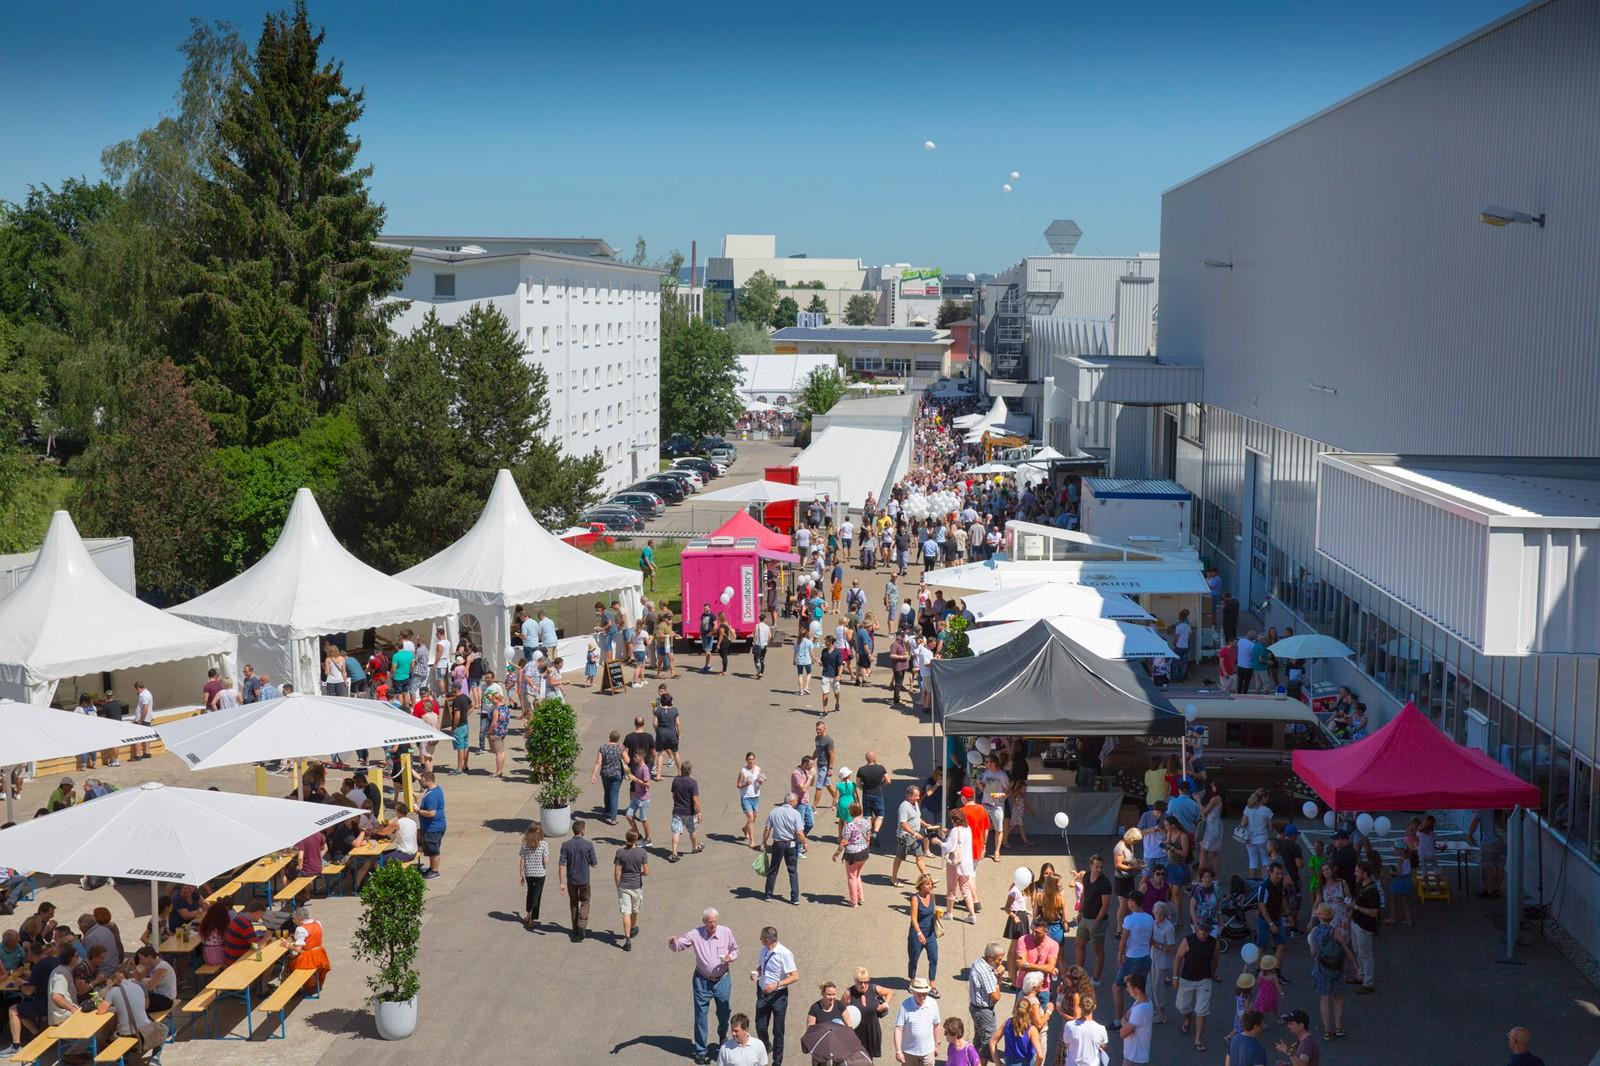 Knapp 5.000 Besucher strömten am Familientag auf das Geländer der Liebherr-Verzahntechnik GmbH.